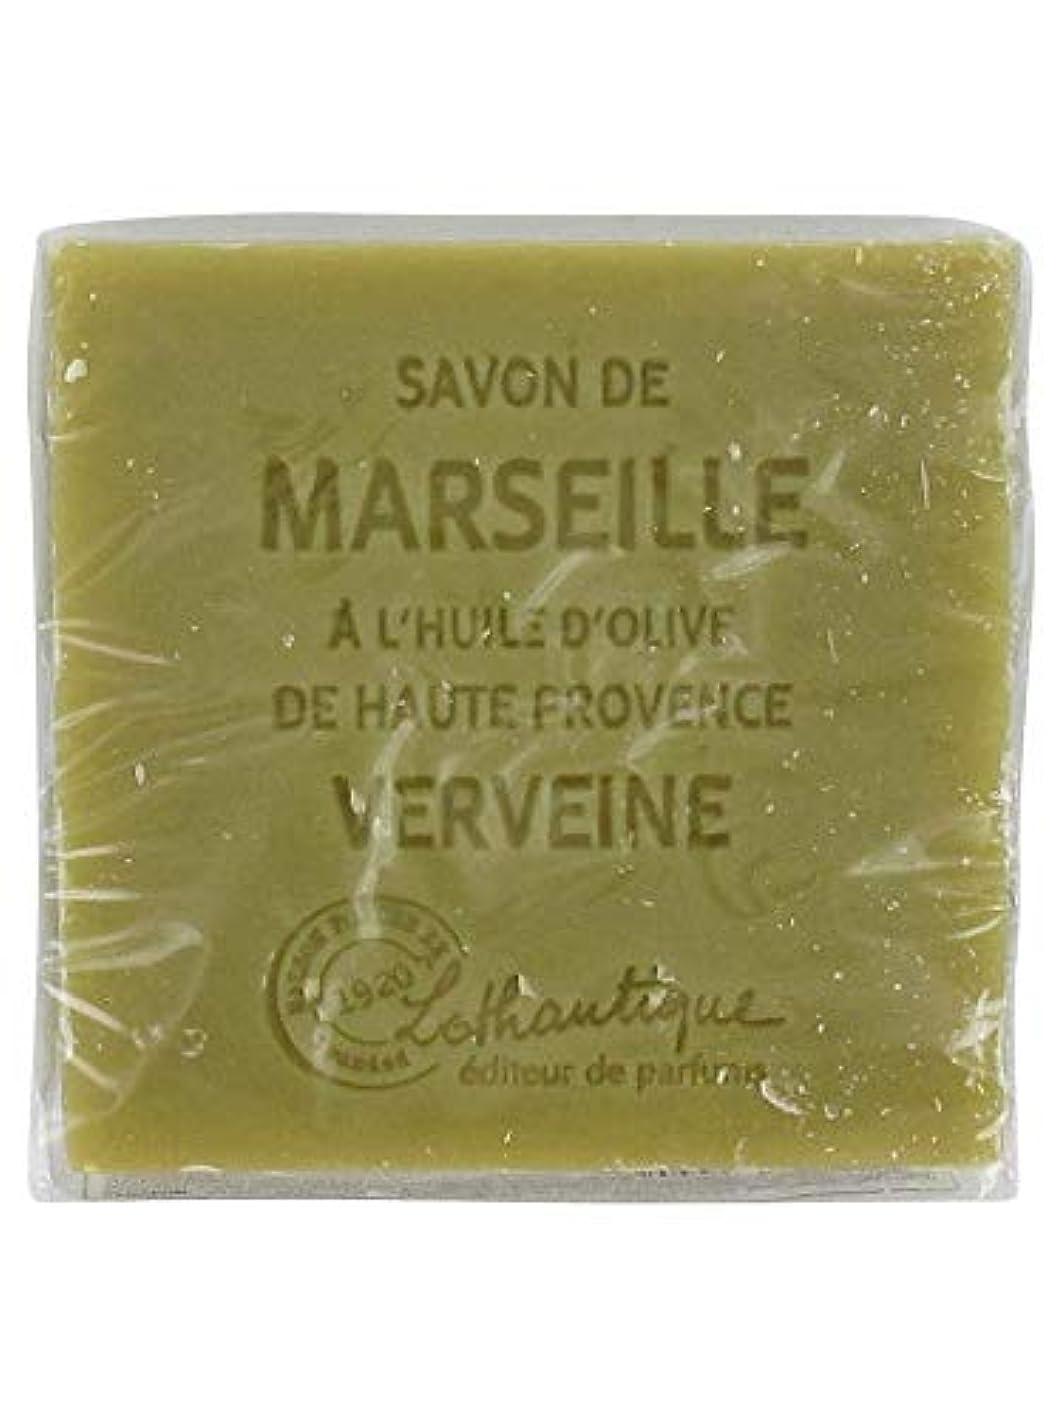 火山大学院誰もLothantique(ロタンティック) Les savons de Marseille(マルセイユソープ) マルセイユソープ 100g 「ベルベーヌ」 3420070038142